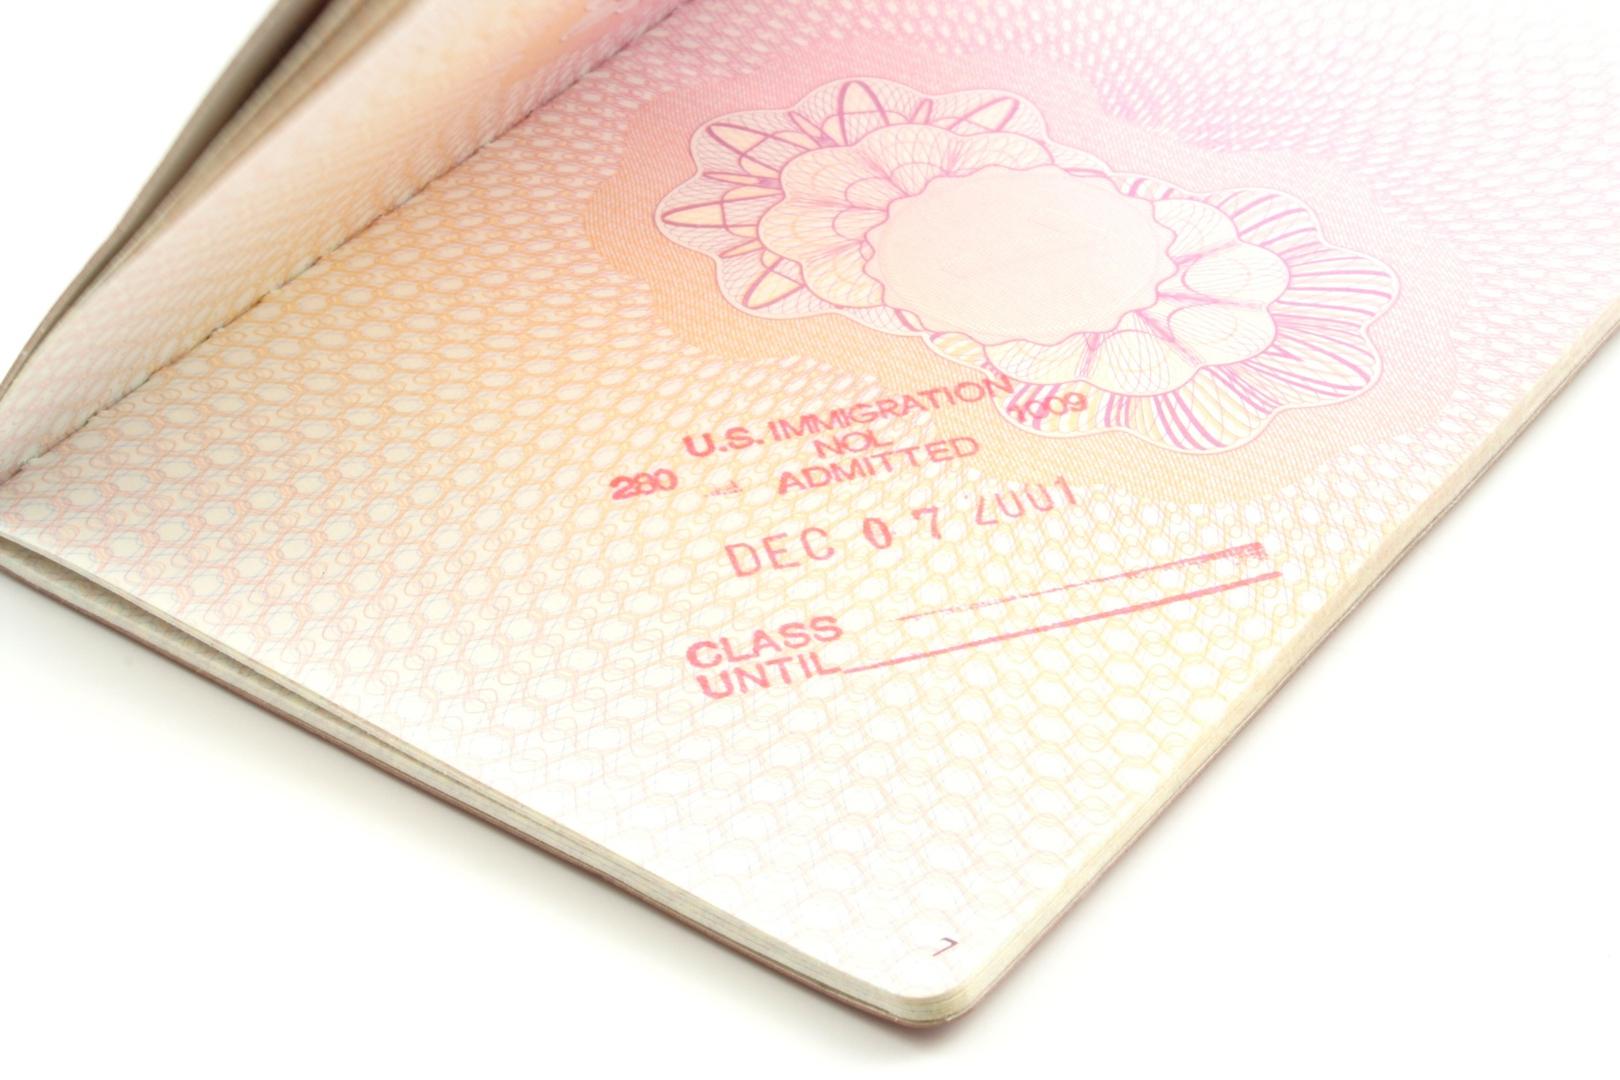 Apostillas Live Scan Fingerprints Apostillas Notary